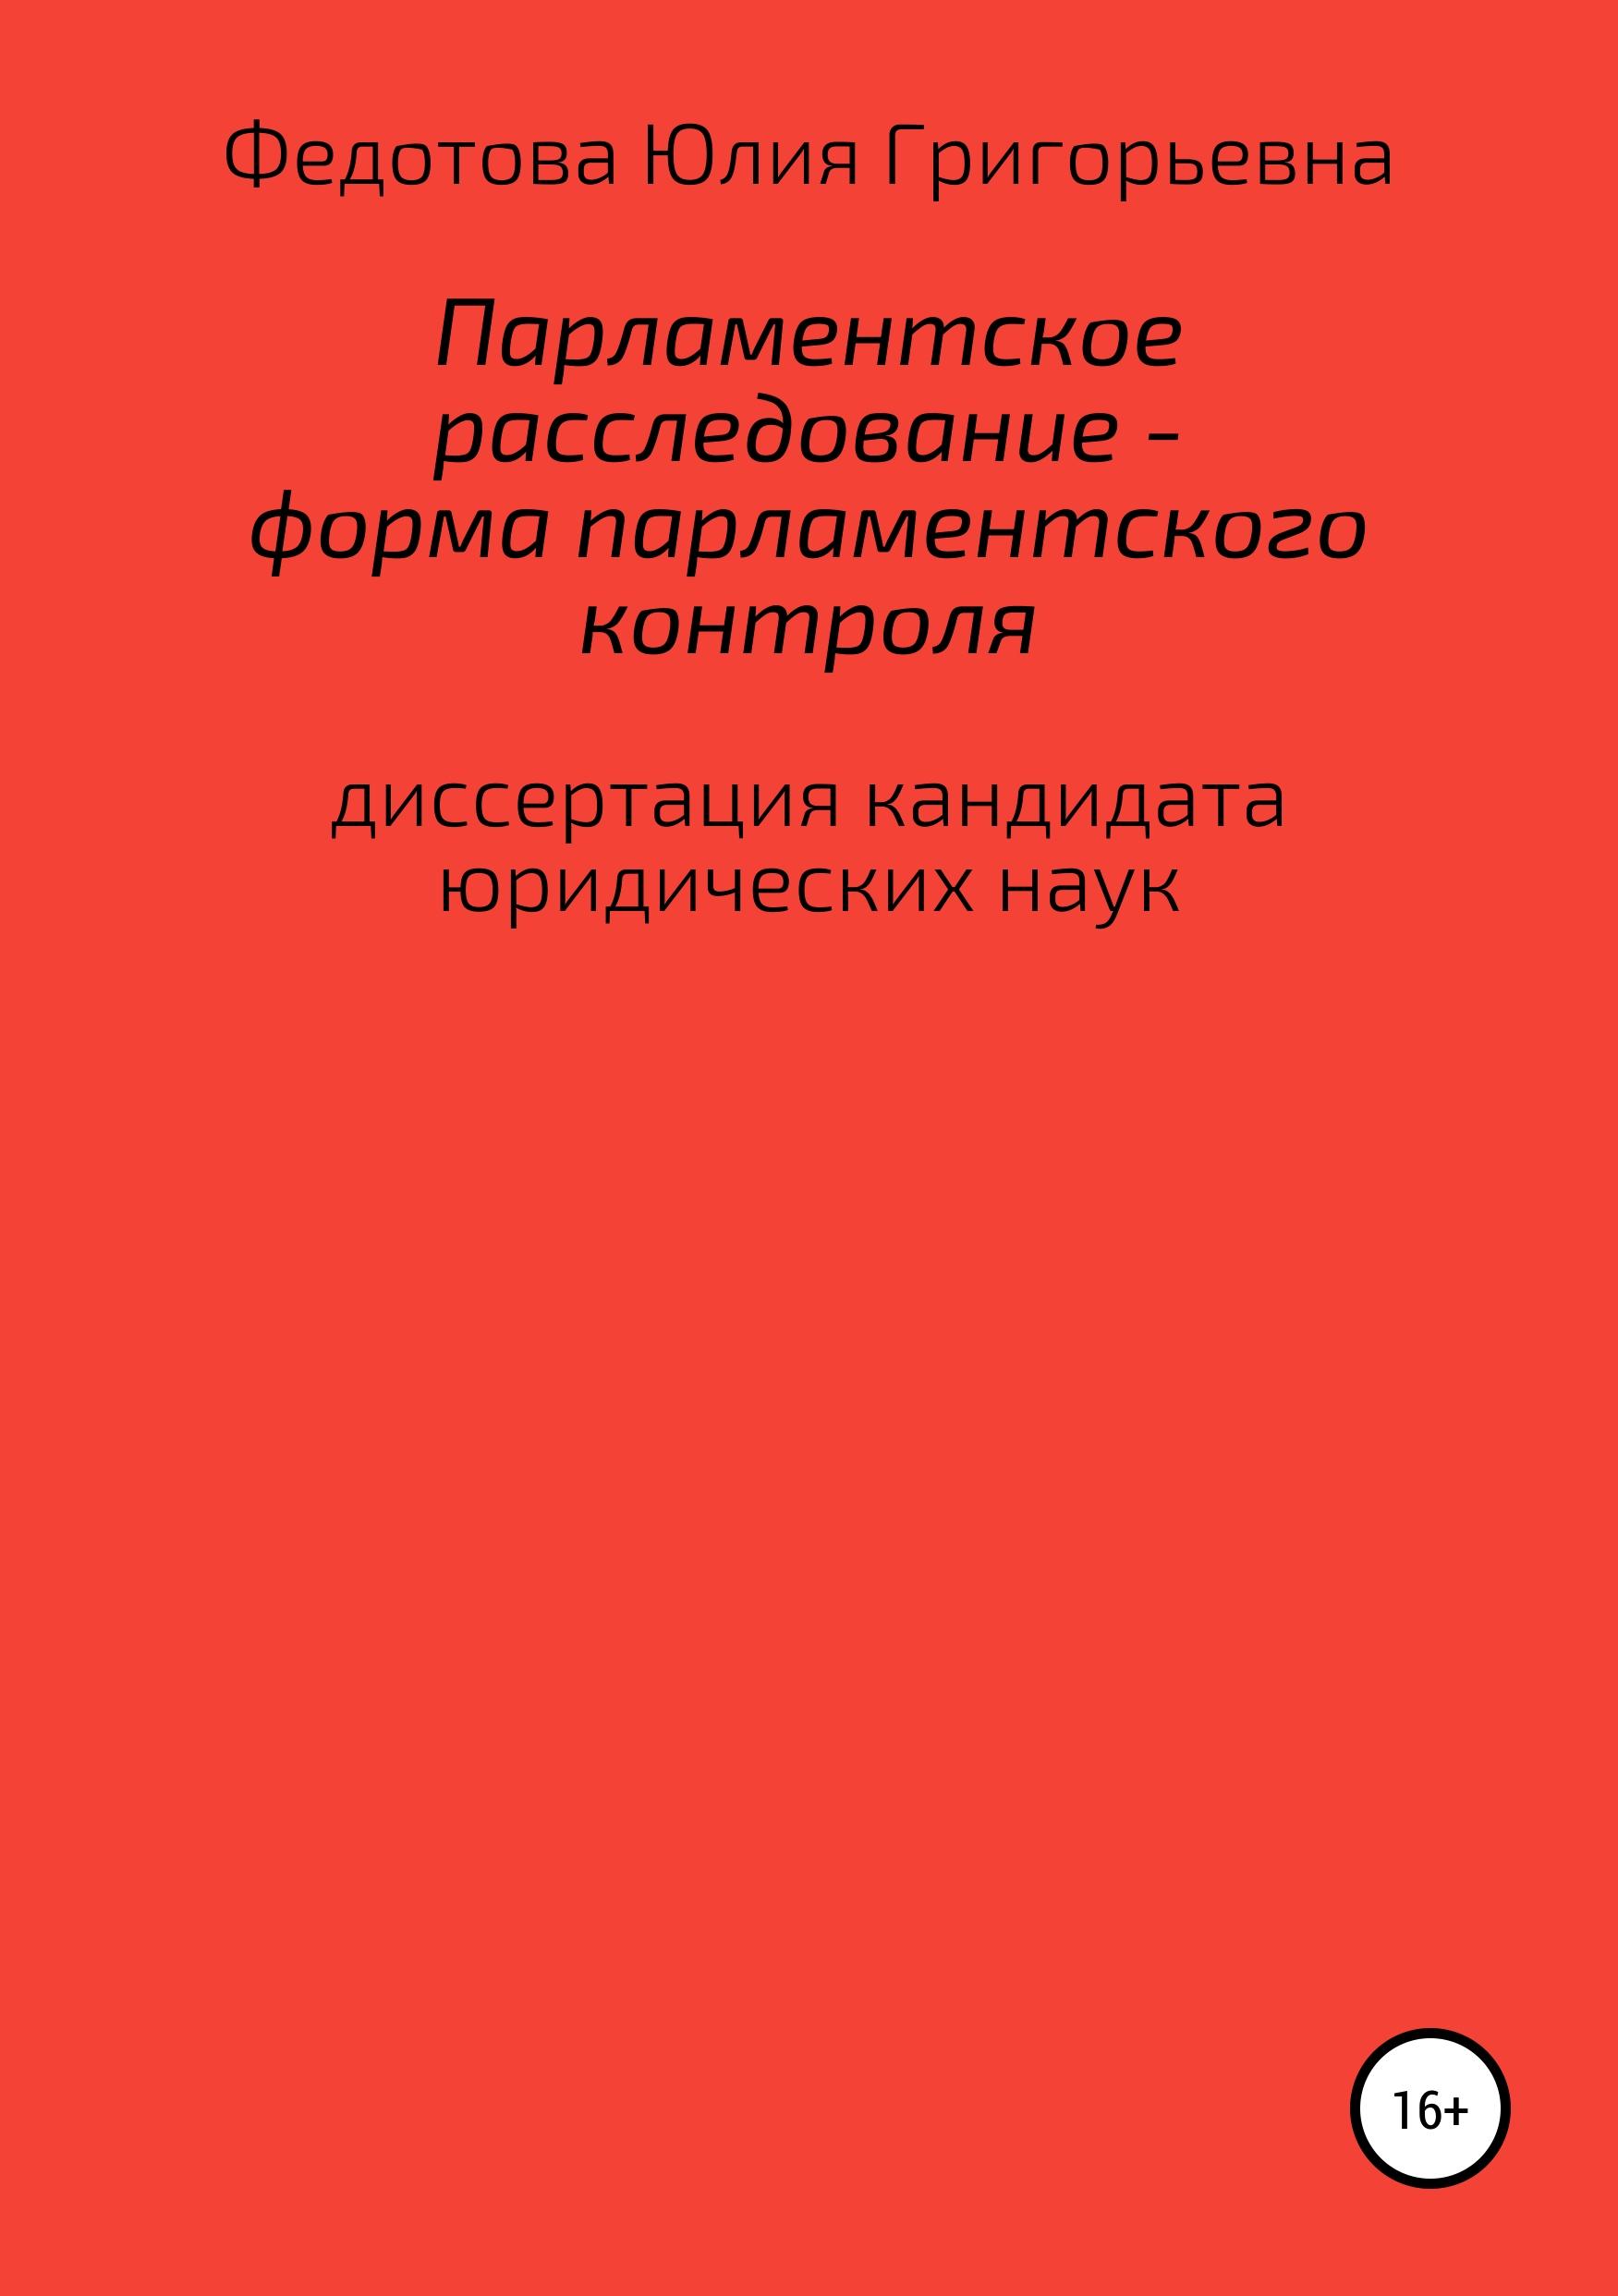 Юлия Григорьевна Федотова Парламентское расследование – форма парламентского контроля елена белоусова муниципальное право российской федерации